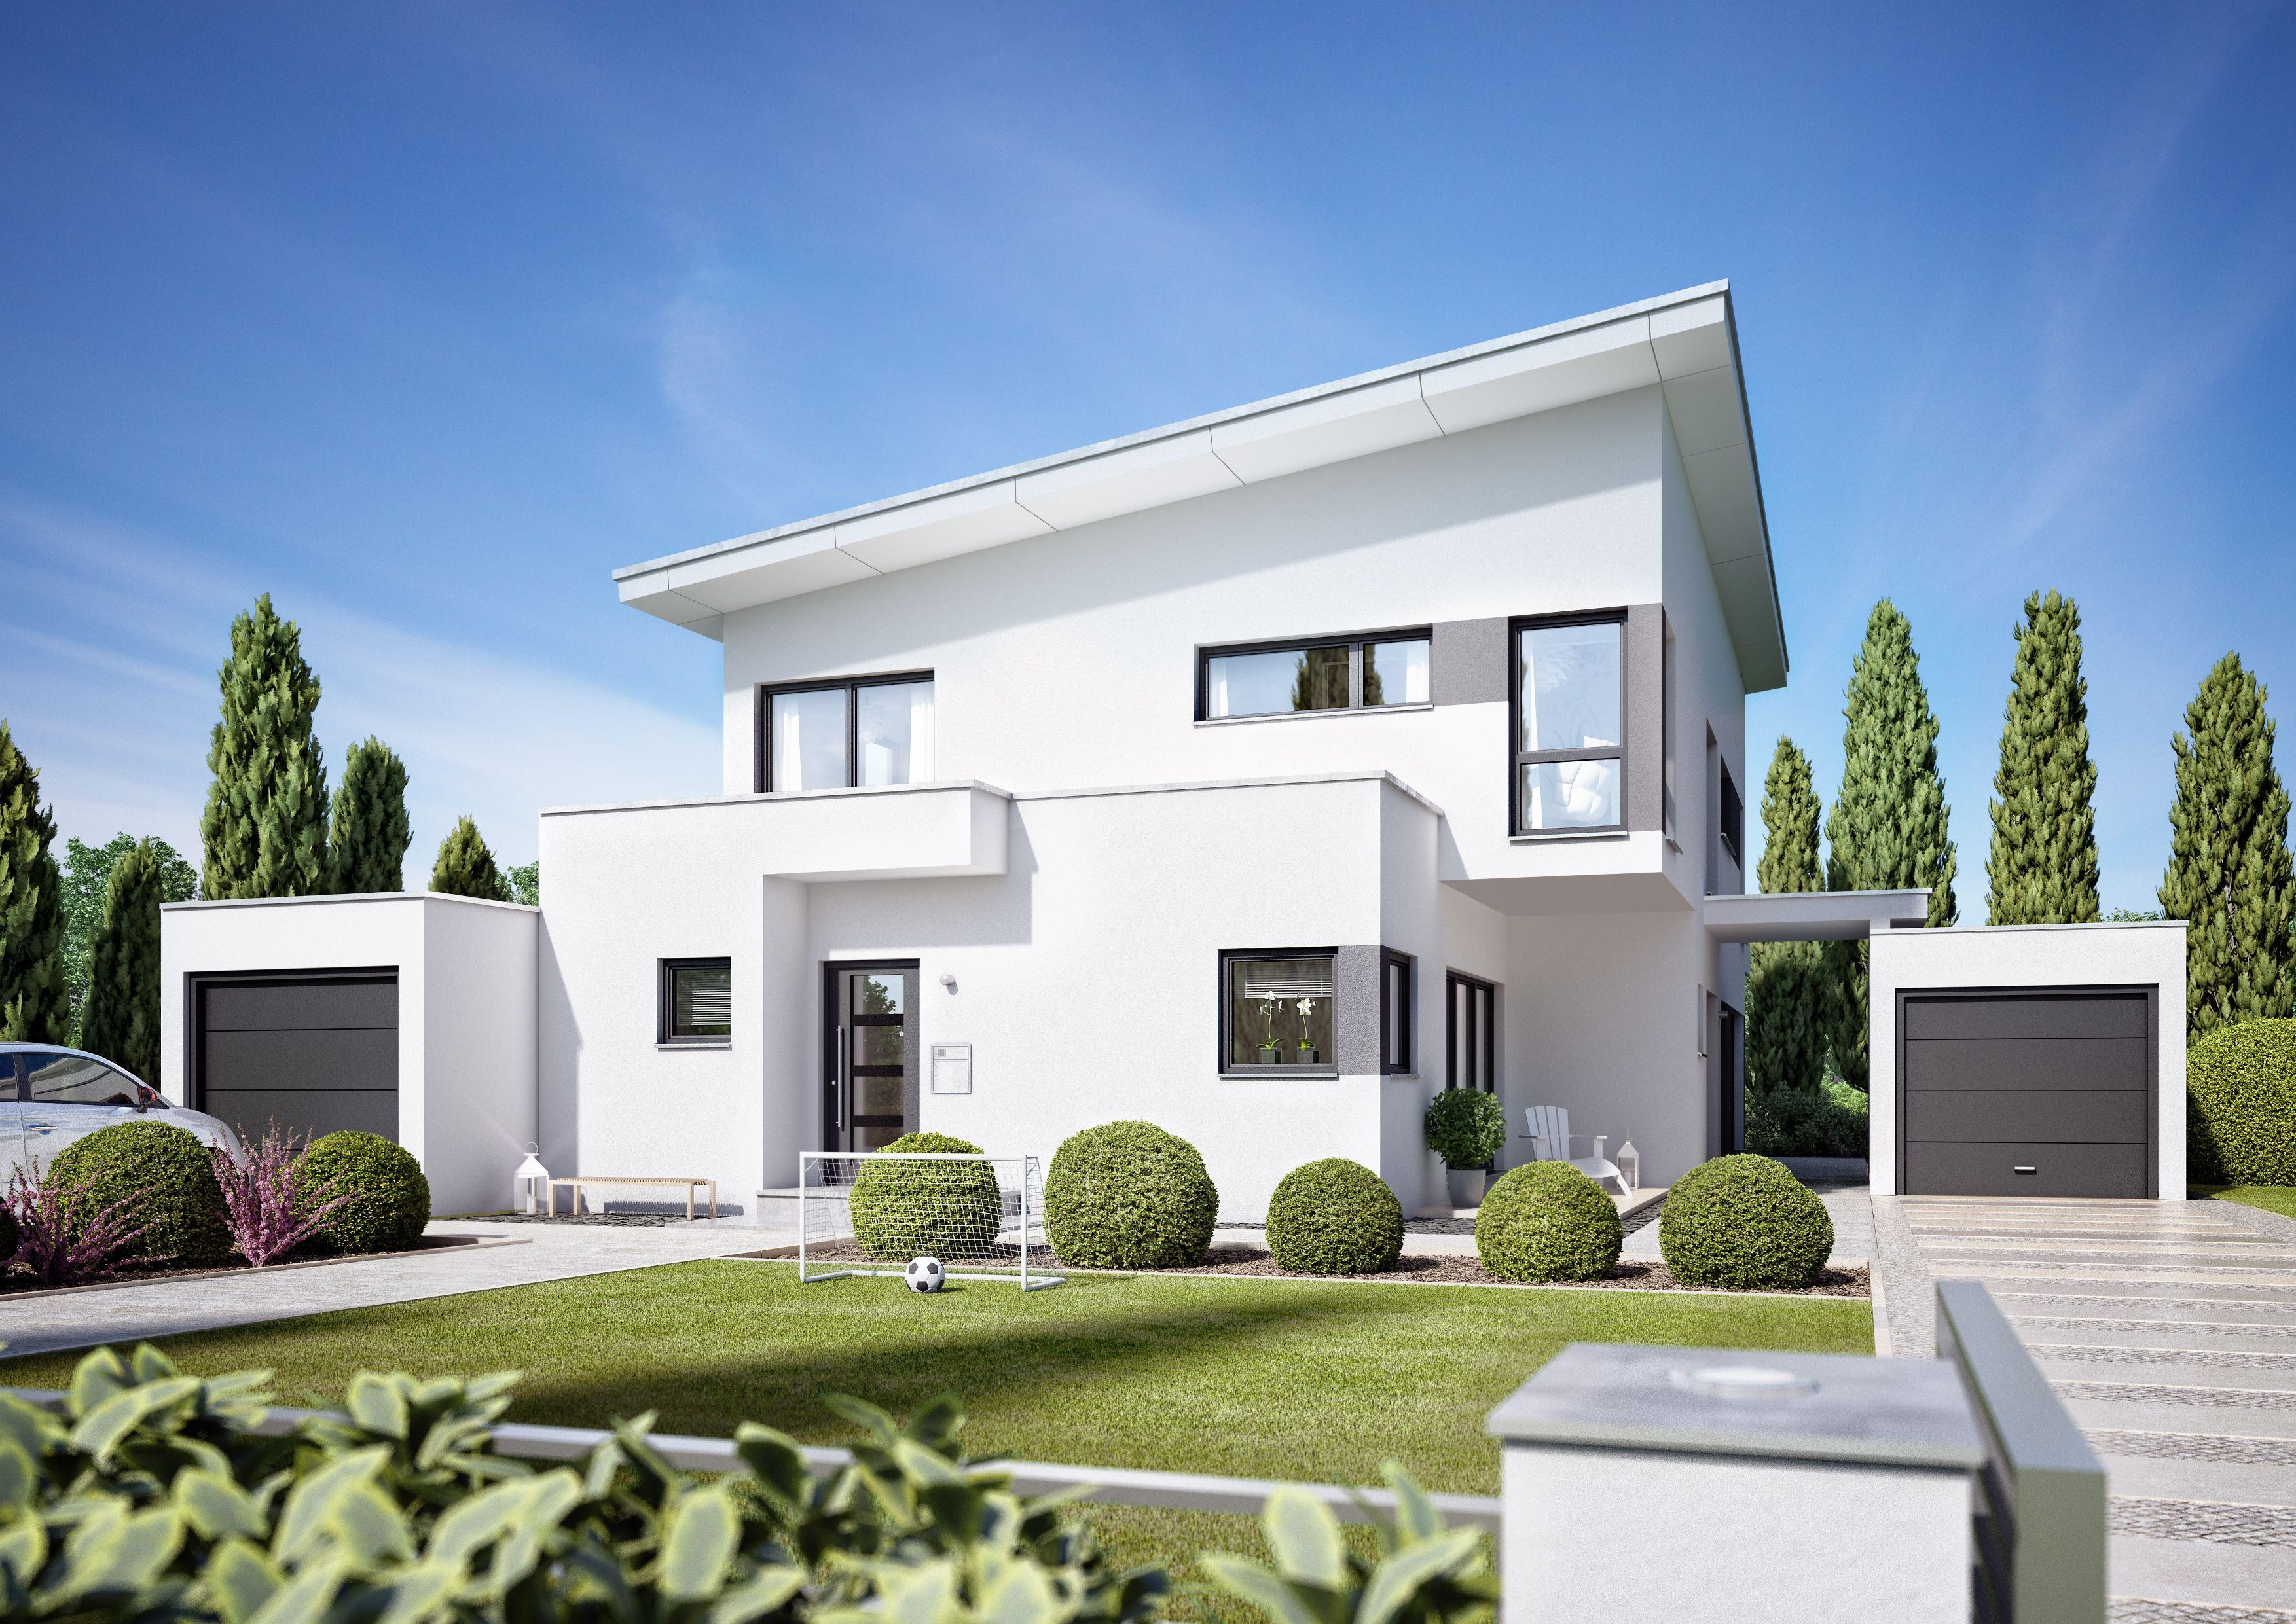 architekten haus corradino elegante familienvilla mit einliegerwohnung architektenh user. Black Bedroom Furniture Sets. Home Design Ideas